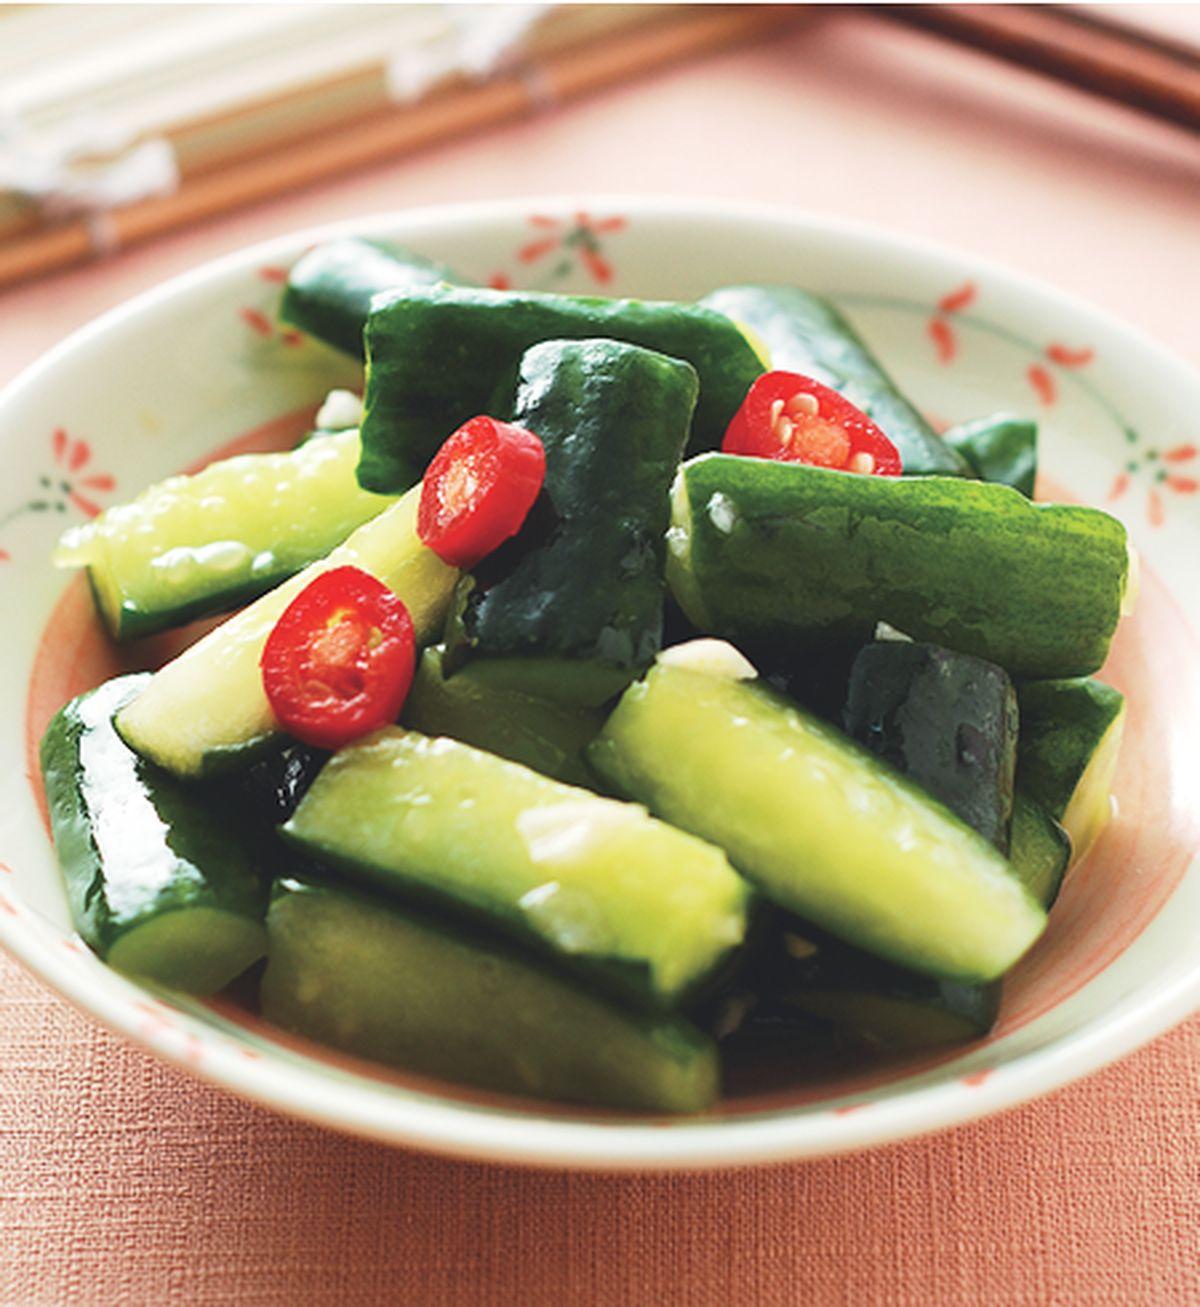 食譜:蒜味小黃瓜